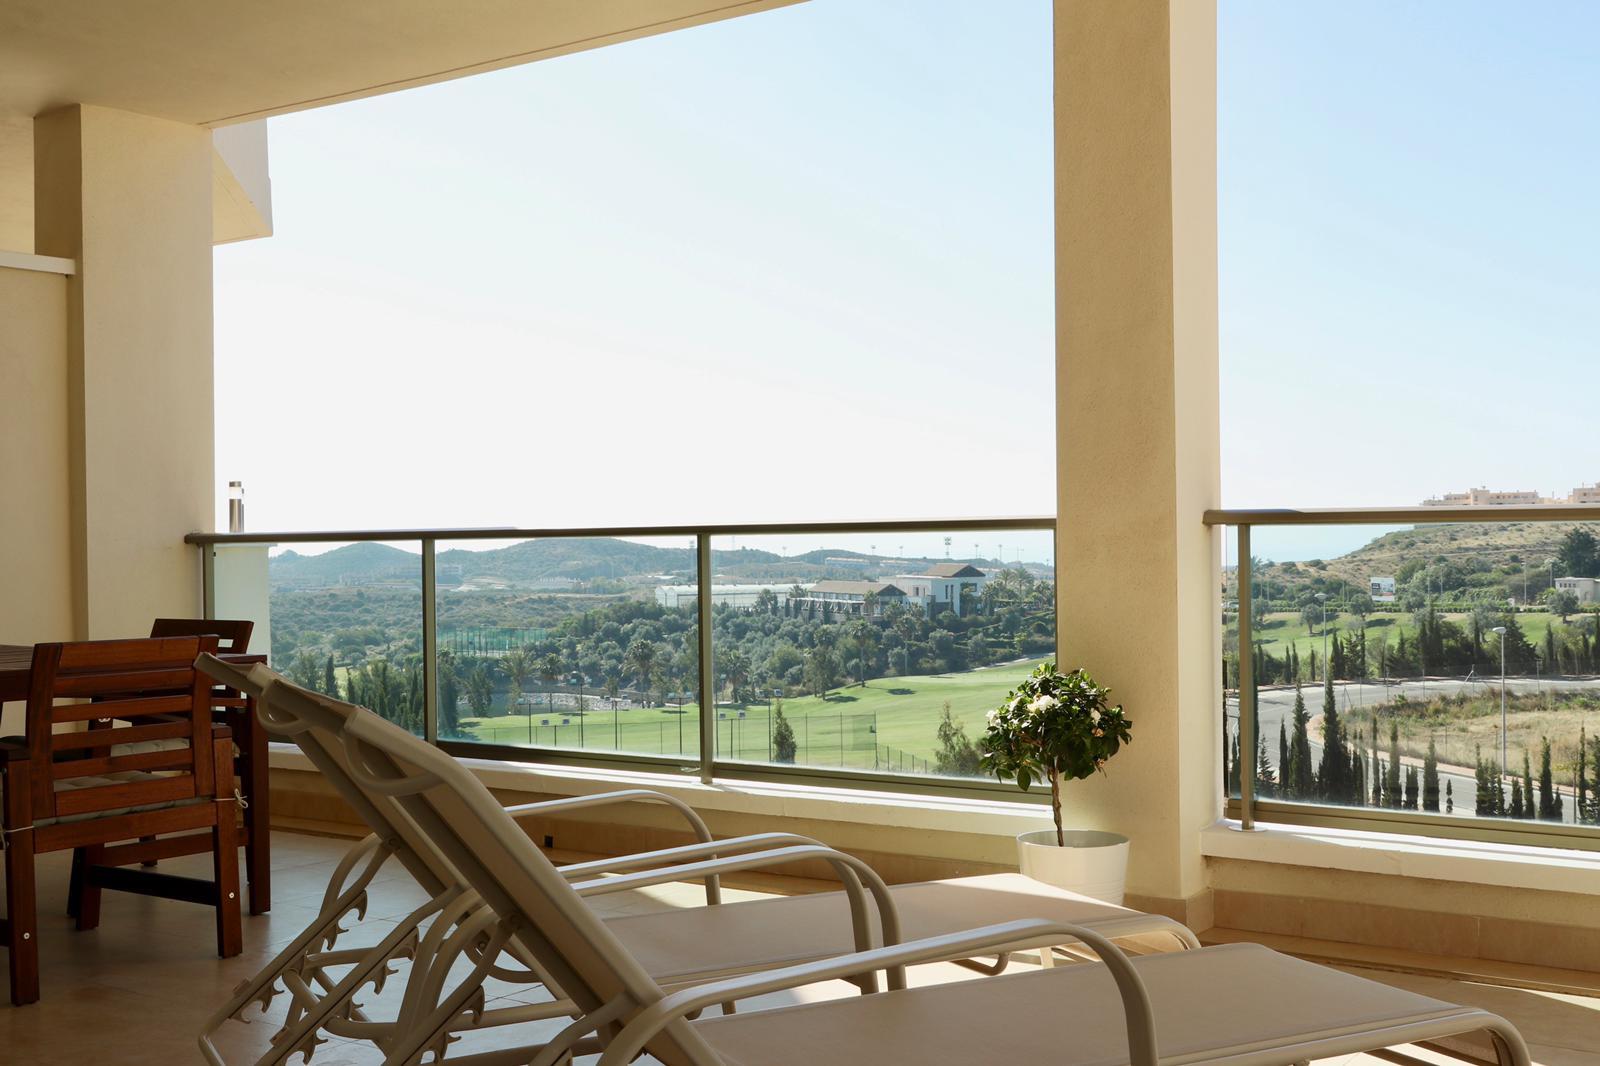 pohled z venkovního balkonu s lehátky na zeleň ve Španělsku